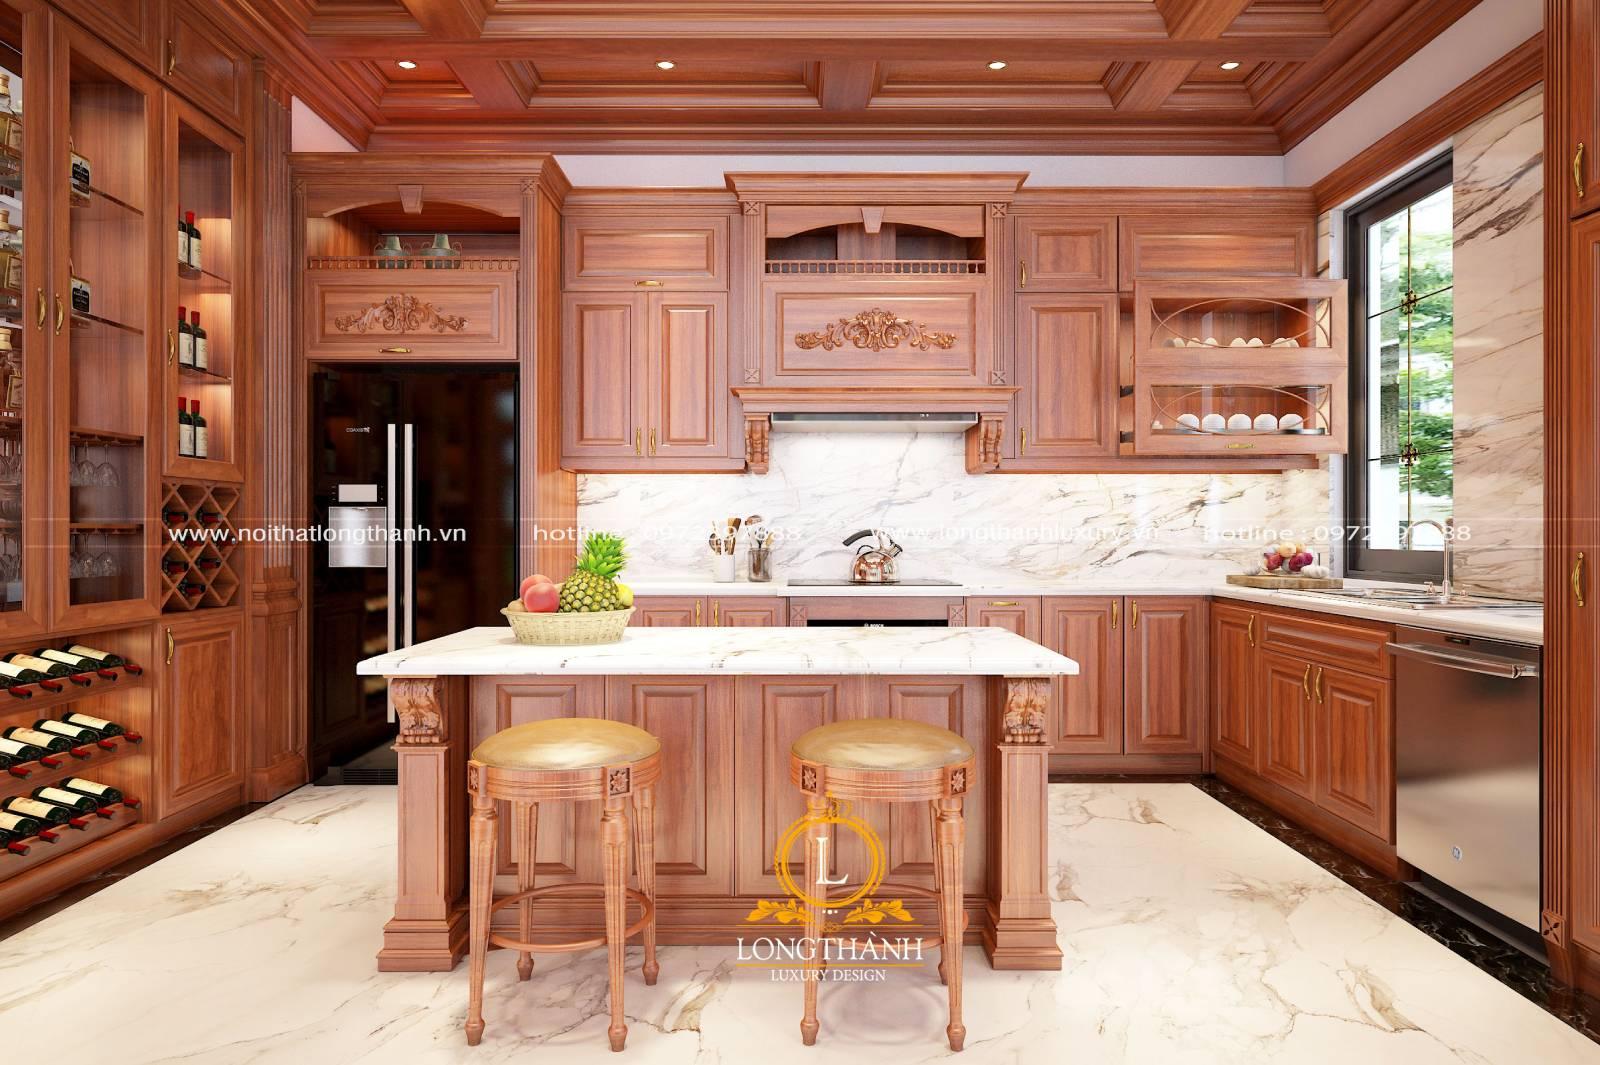 Thiết kế tủ bếp gỗ Gõ đỏ cho nhà biệt thự phố